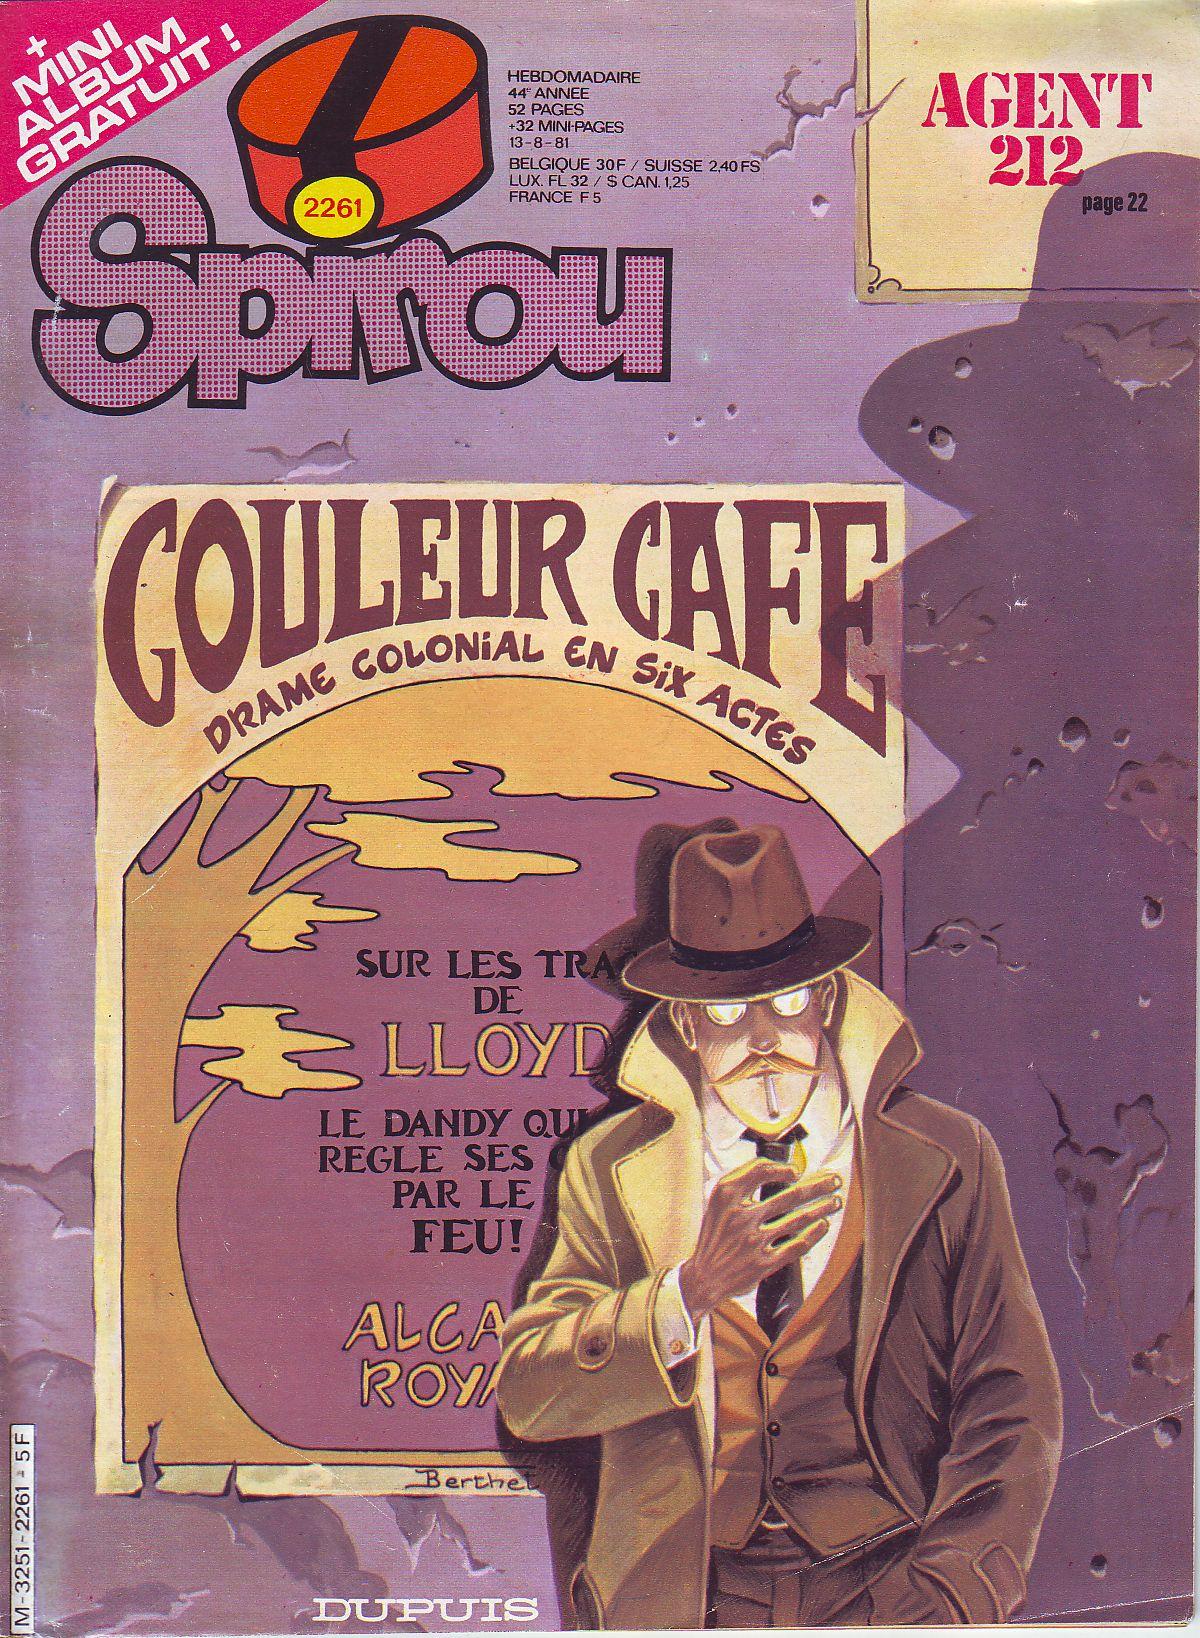 Le journal de Spirou 2261